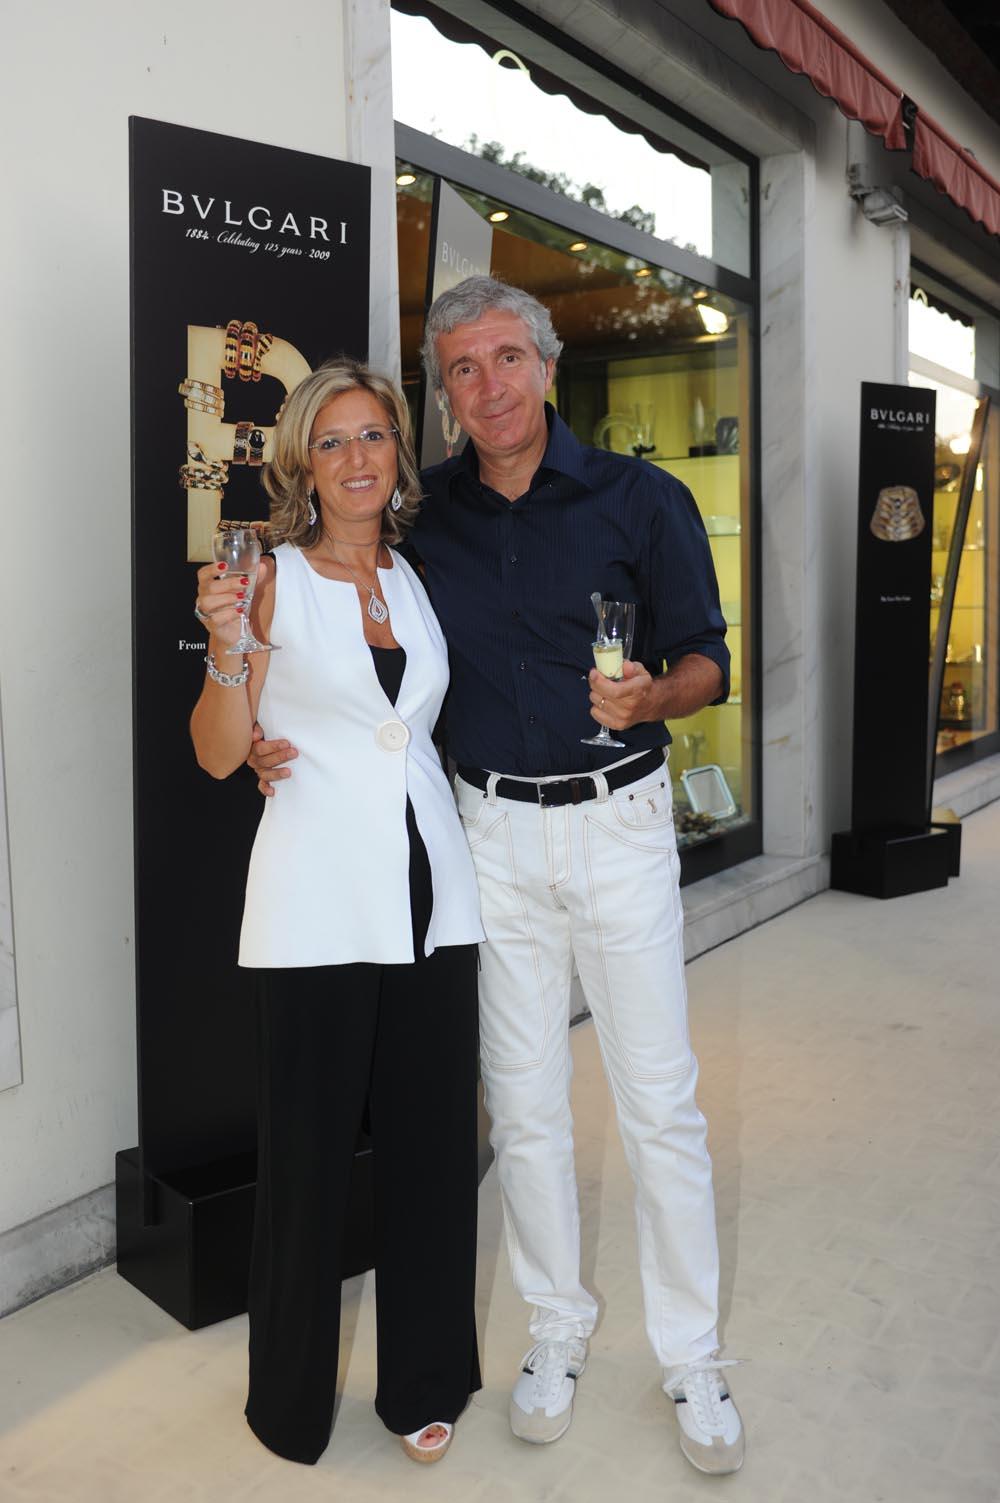 Forte dei Marmi  19 luglio 20009  festa e sfilata Bulgari da Cassetti  Casini Carla e Marco